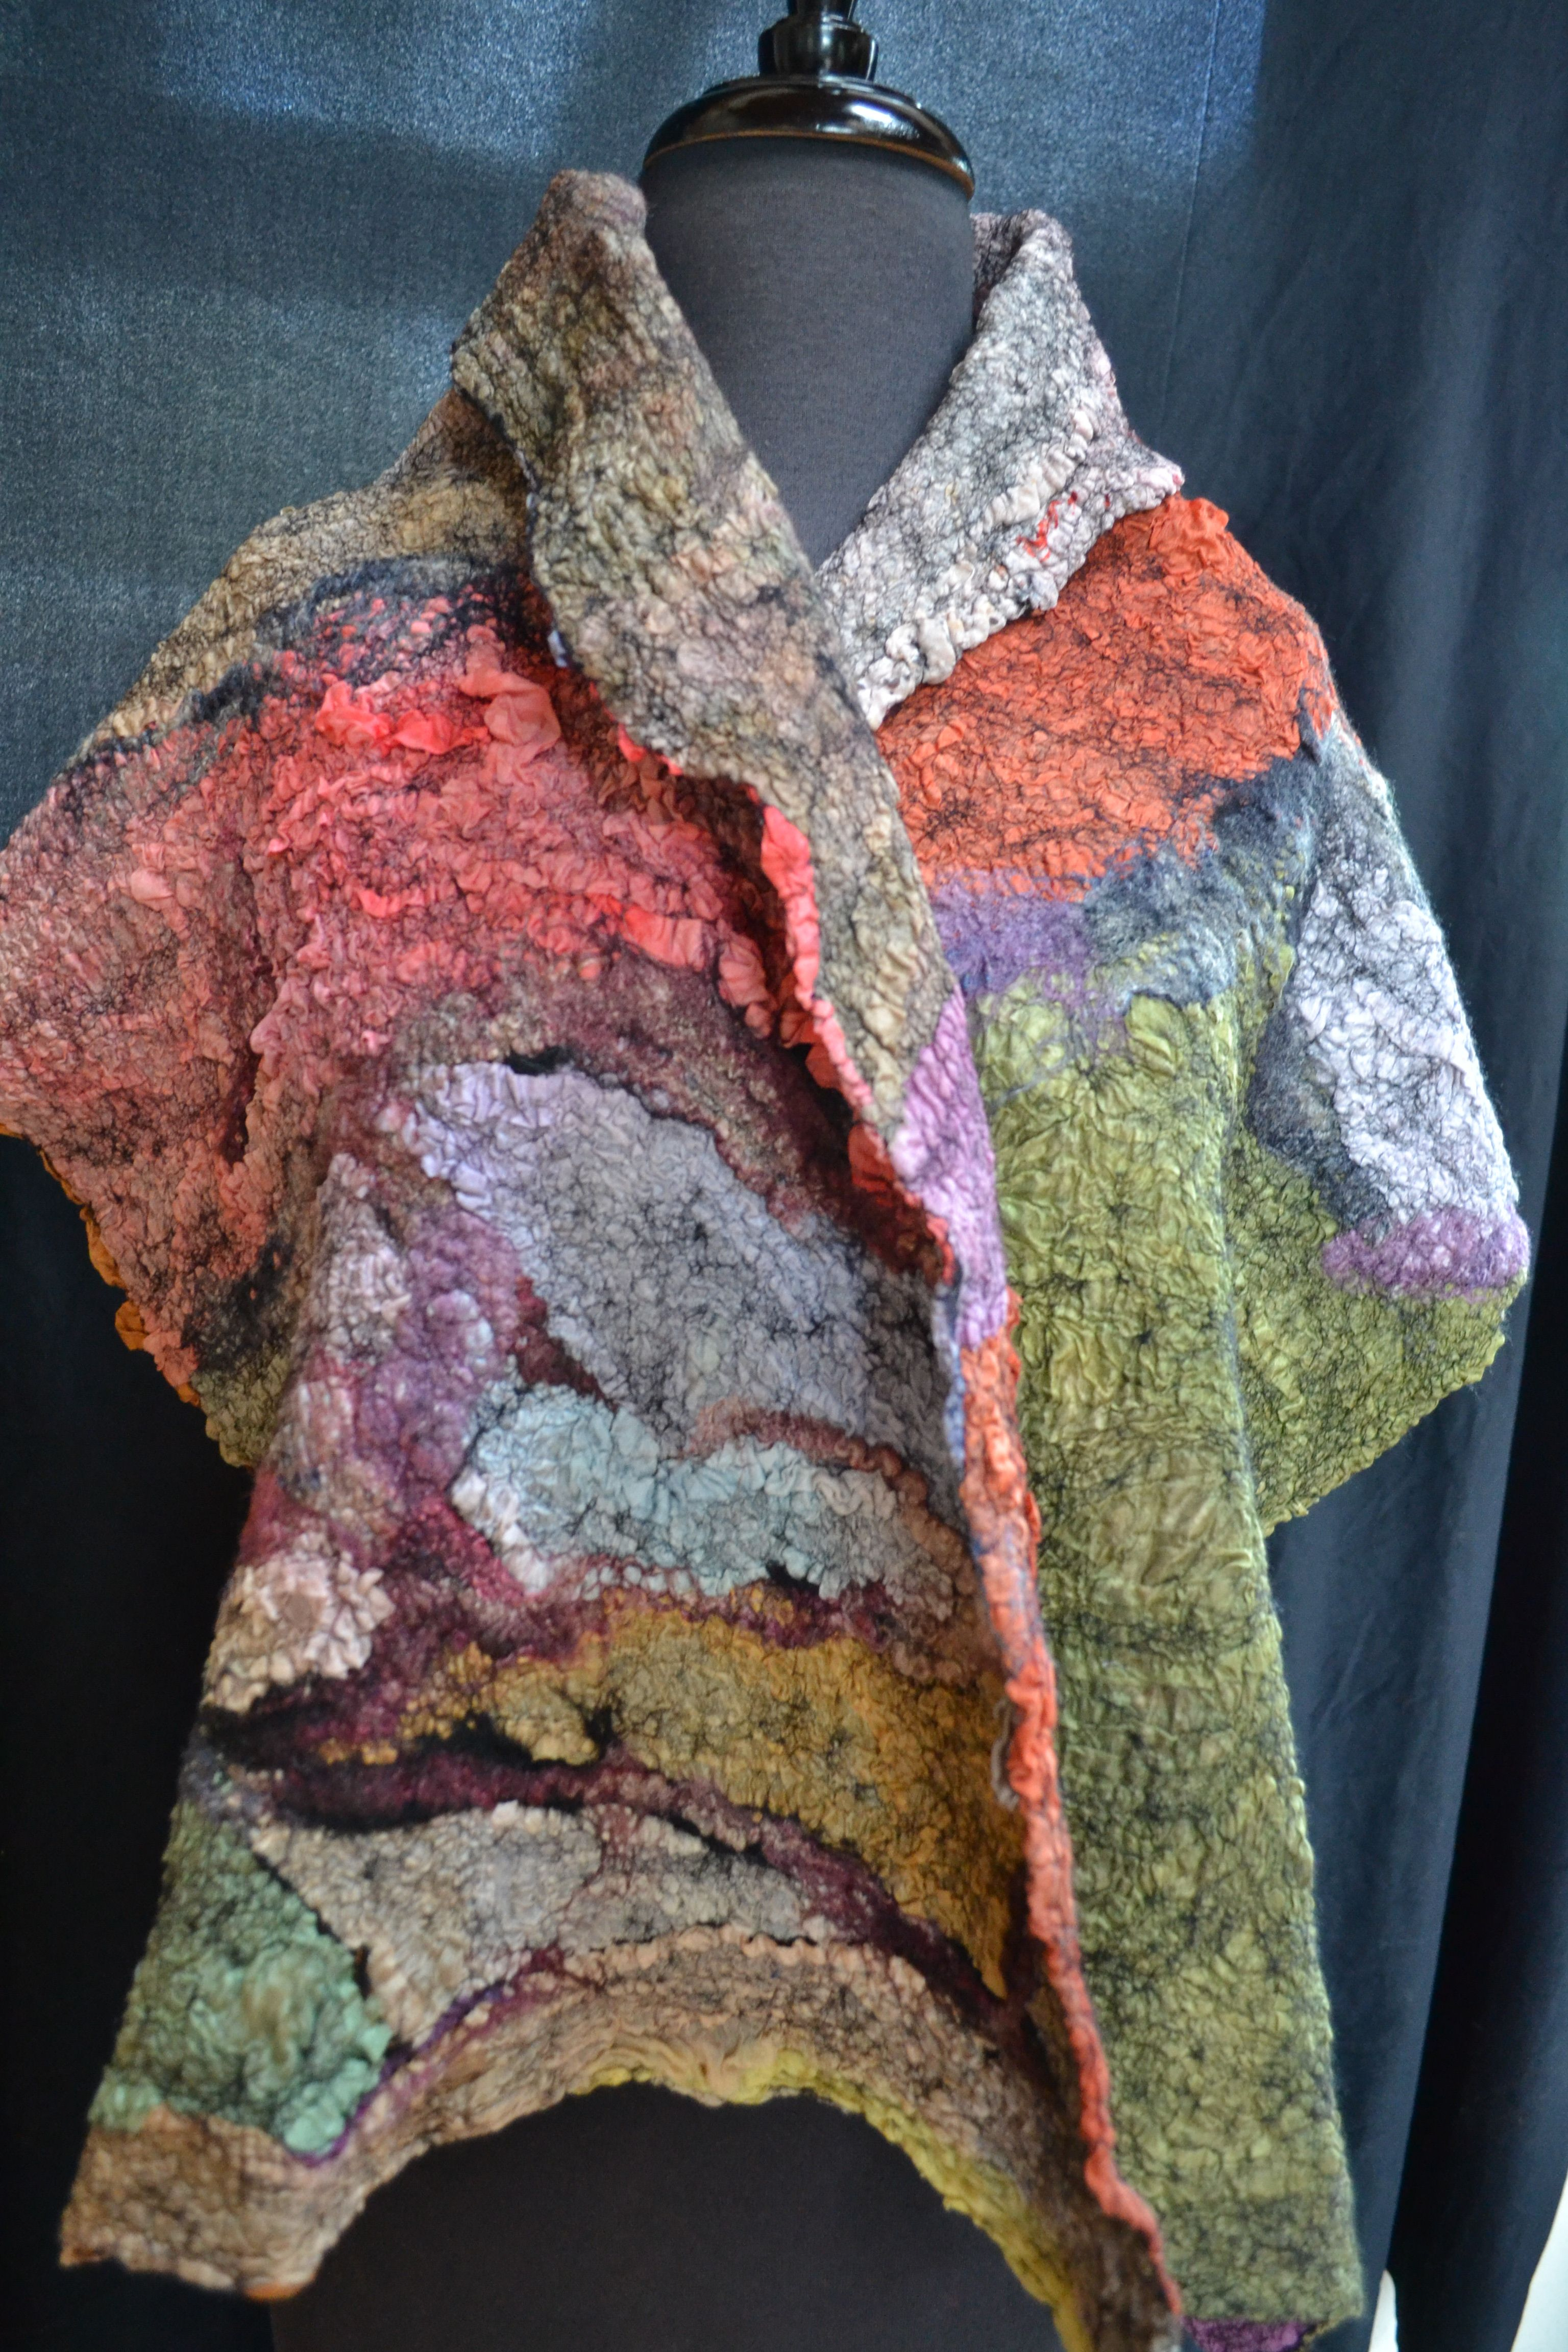 paj silk, between fine merino black wool, felted together, by www.tashwesp.com or on FB Felt Fusion by Tash Wesp felt artist